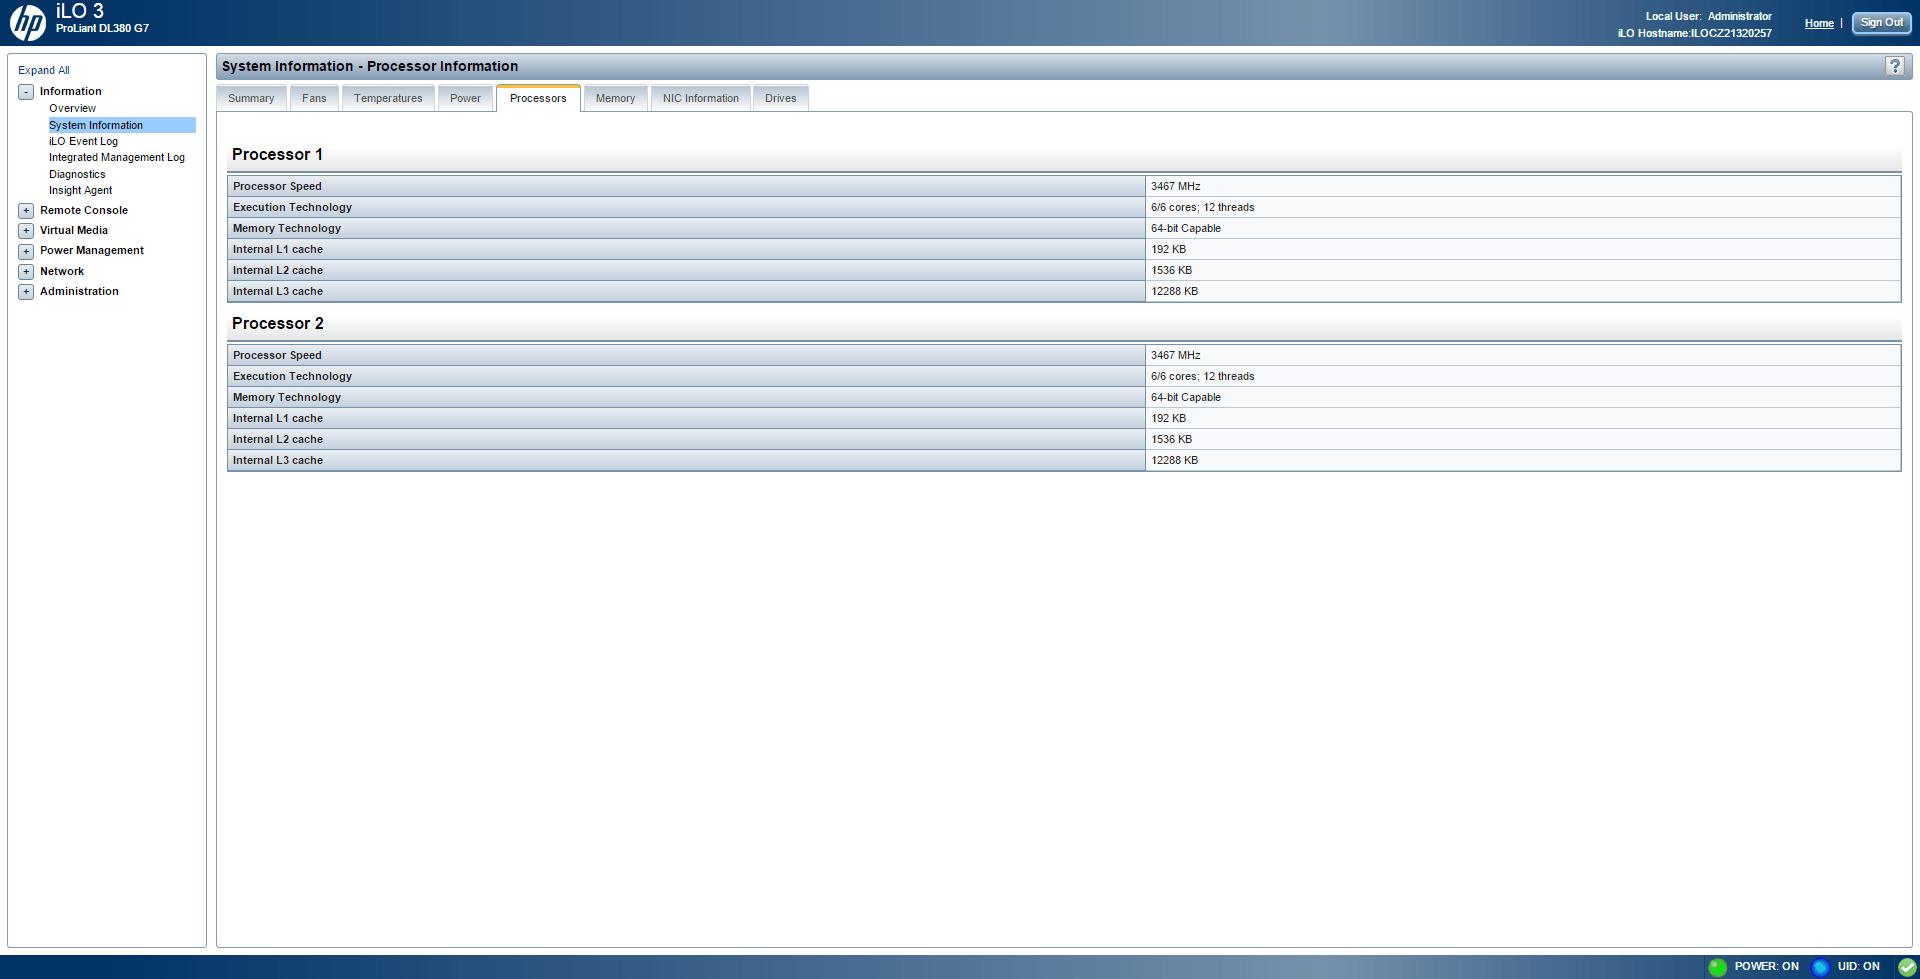 Обзор параметров ILO 3 в HP dl380 g7-07